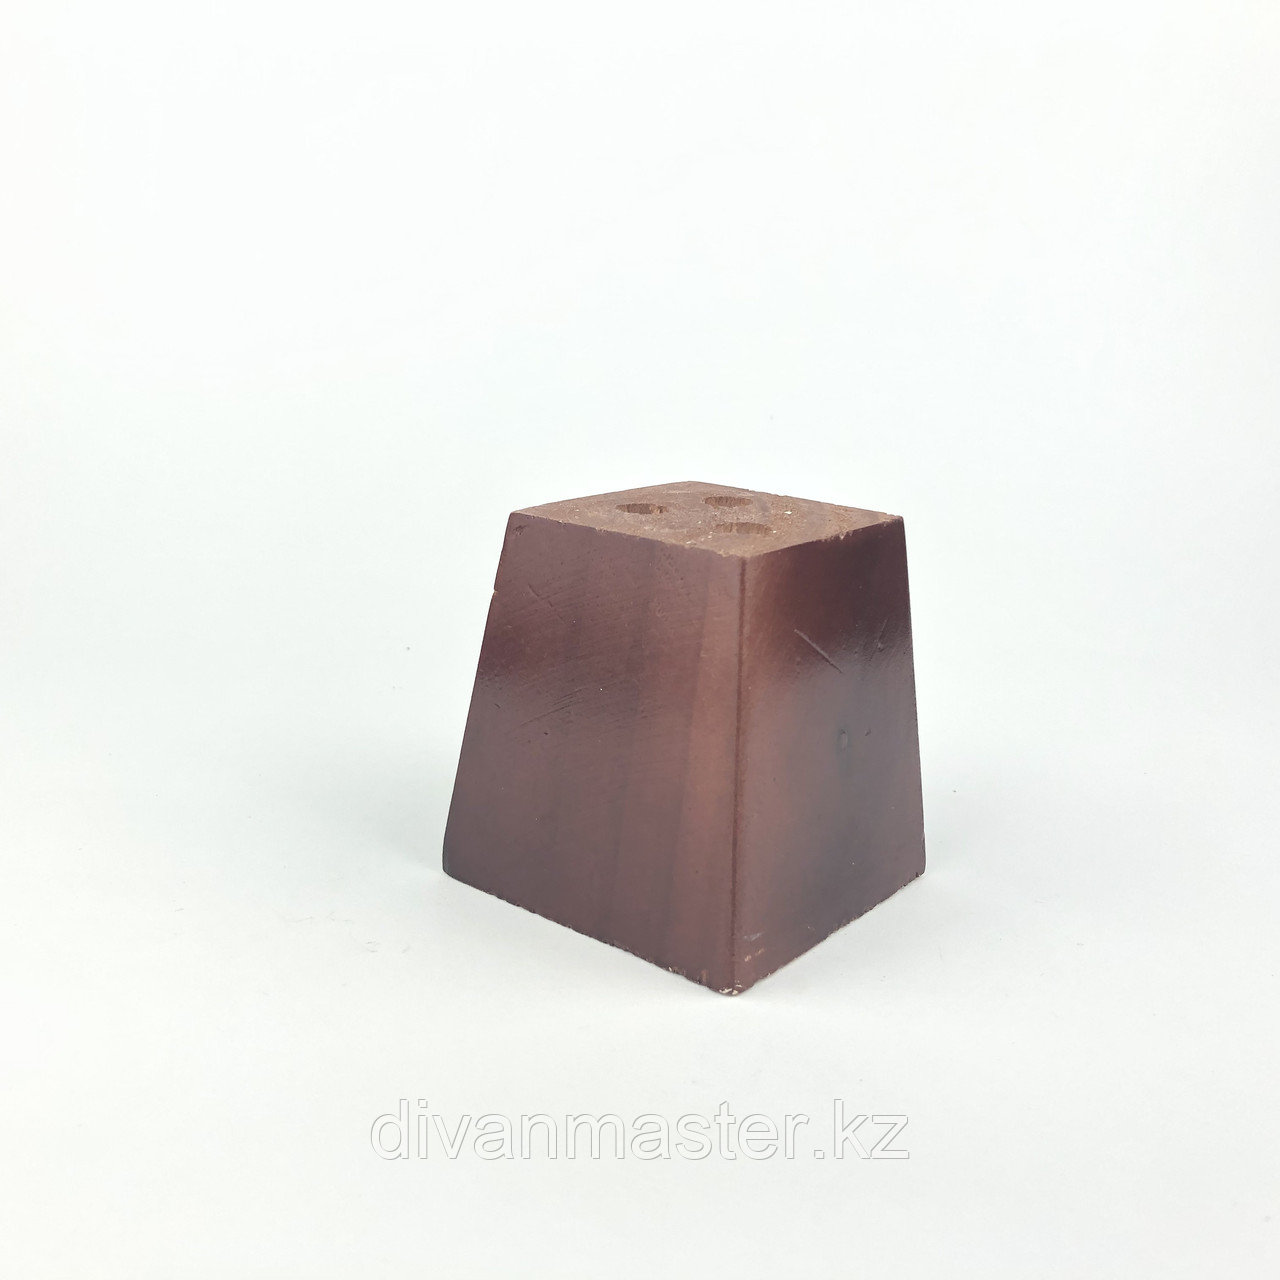 Ножка мебельная, деревянная. 8 см